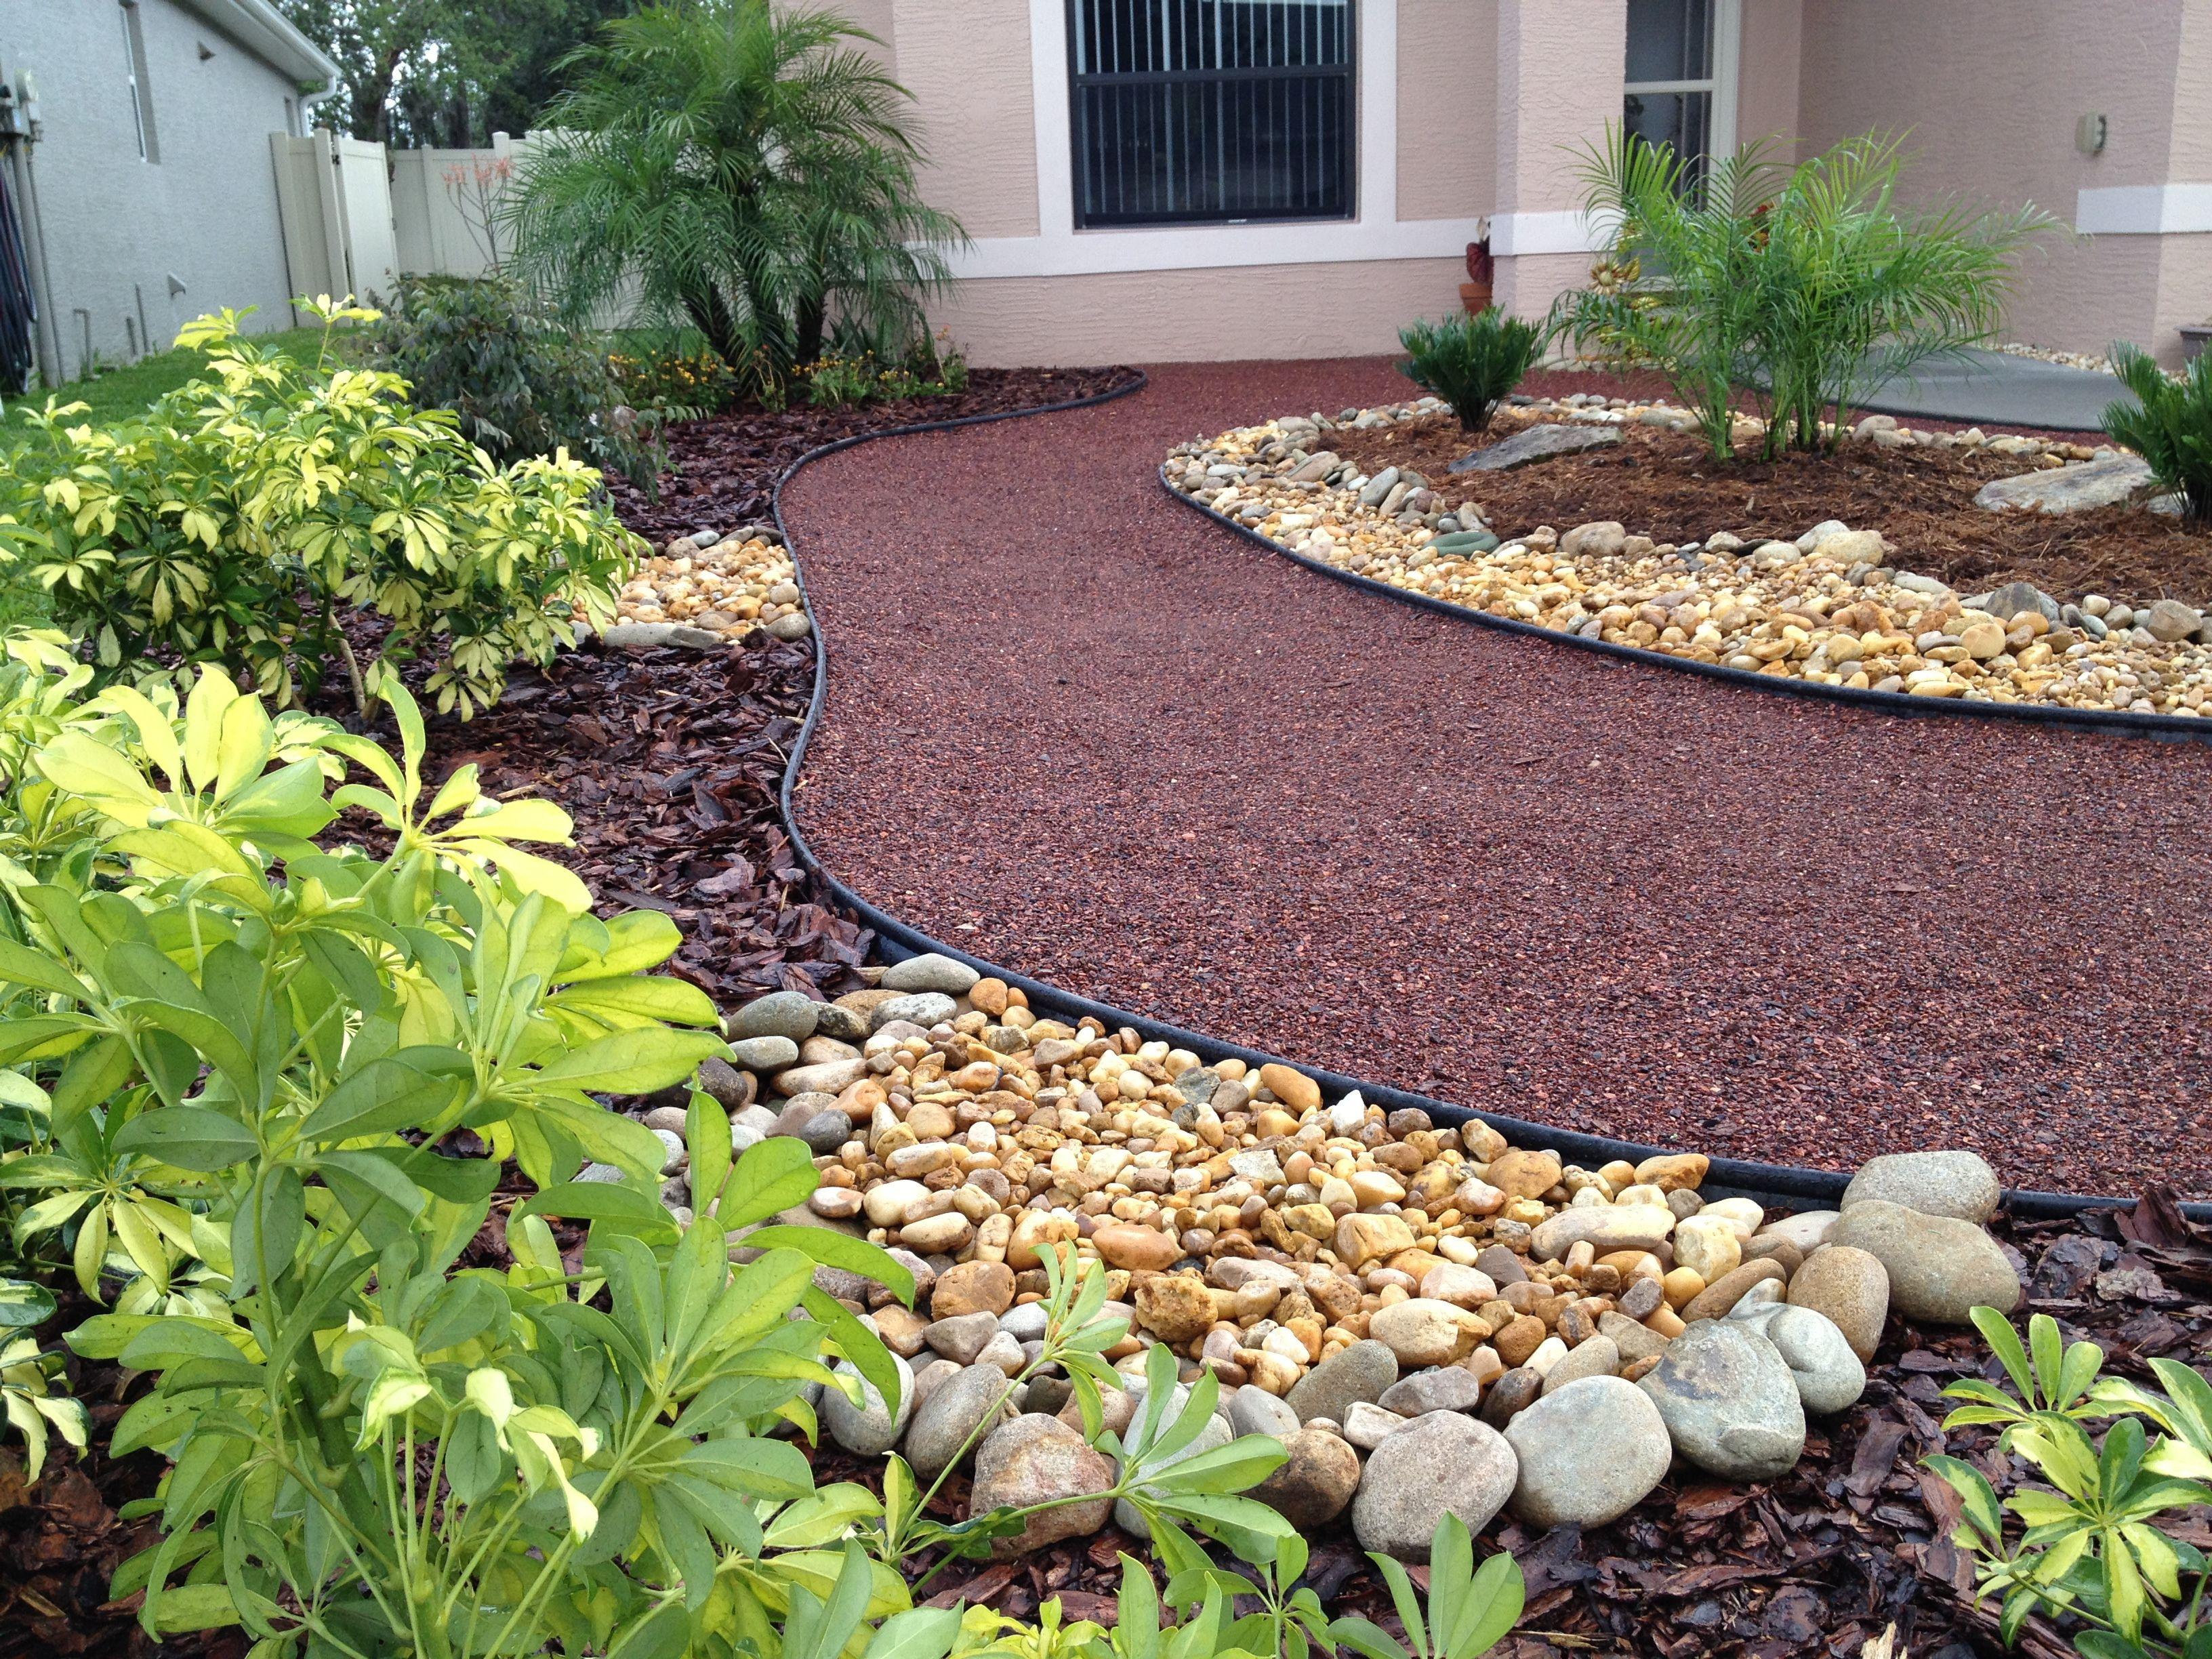 Formidable Cheap No Grass Backyard Ideas, Grass is ... on Cheap Backyard Ideas No Grass  id=55990